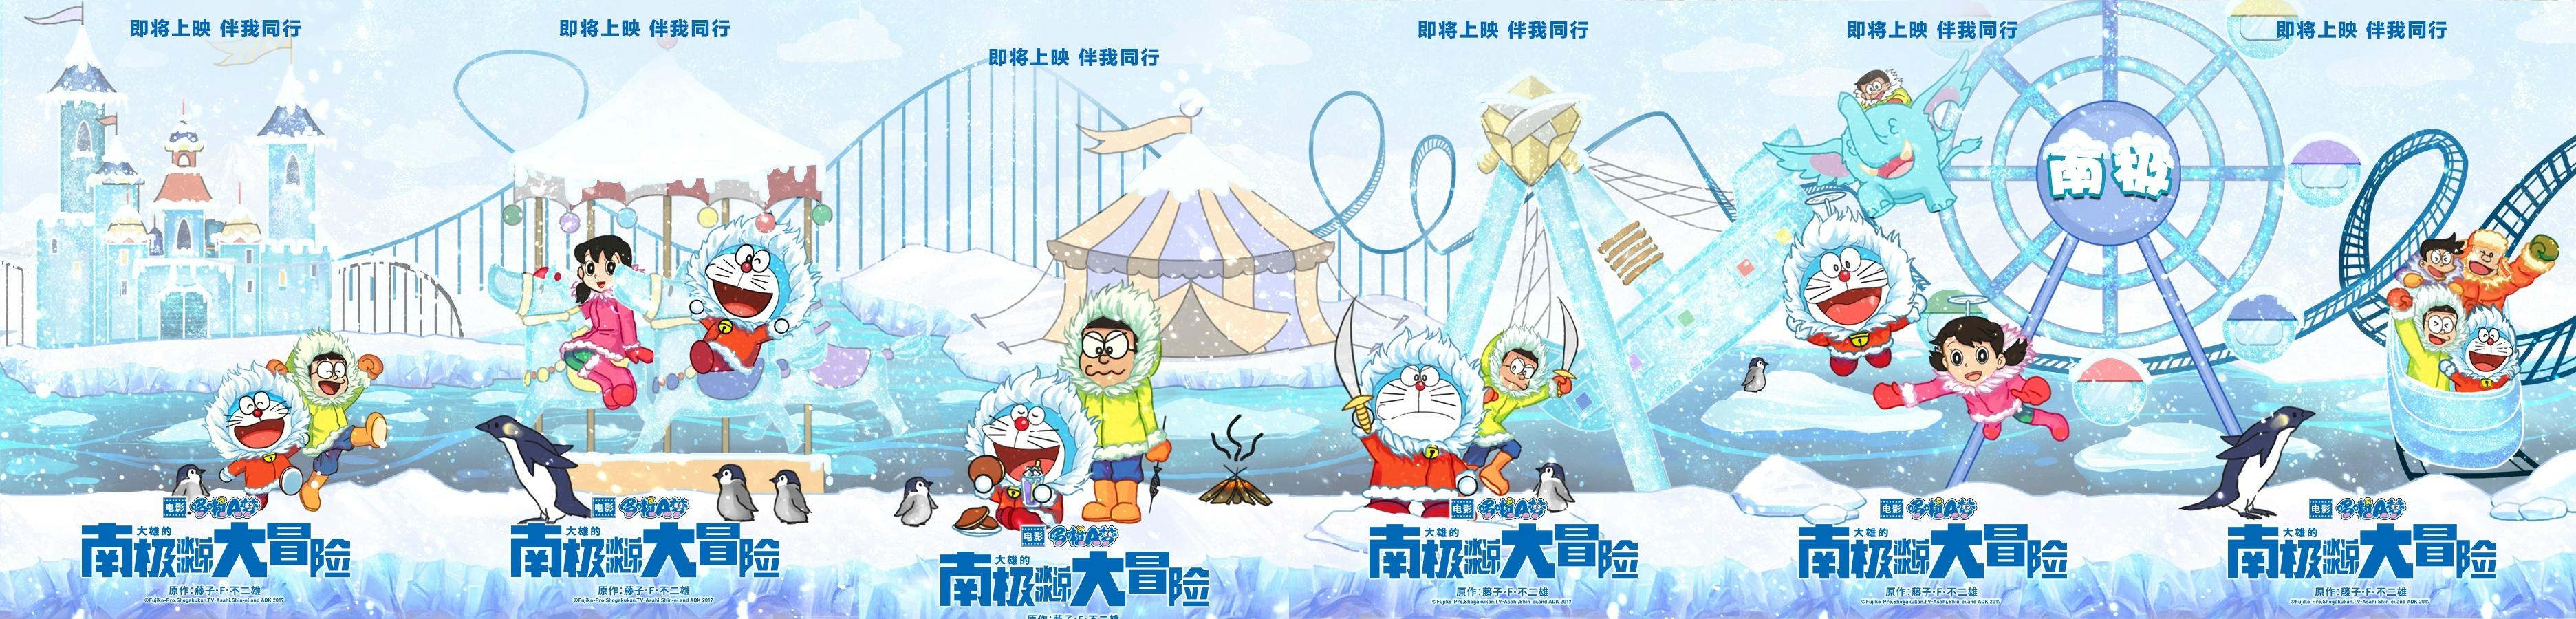 哆啦A梦 大雄的南极冰冰凉大冒险